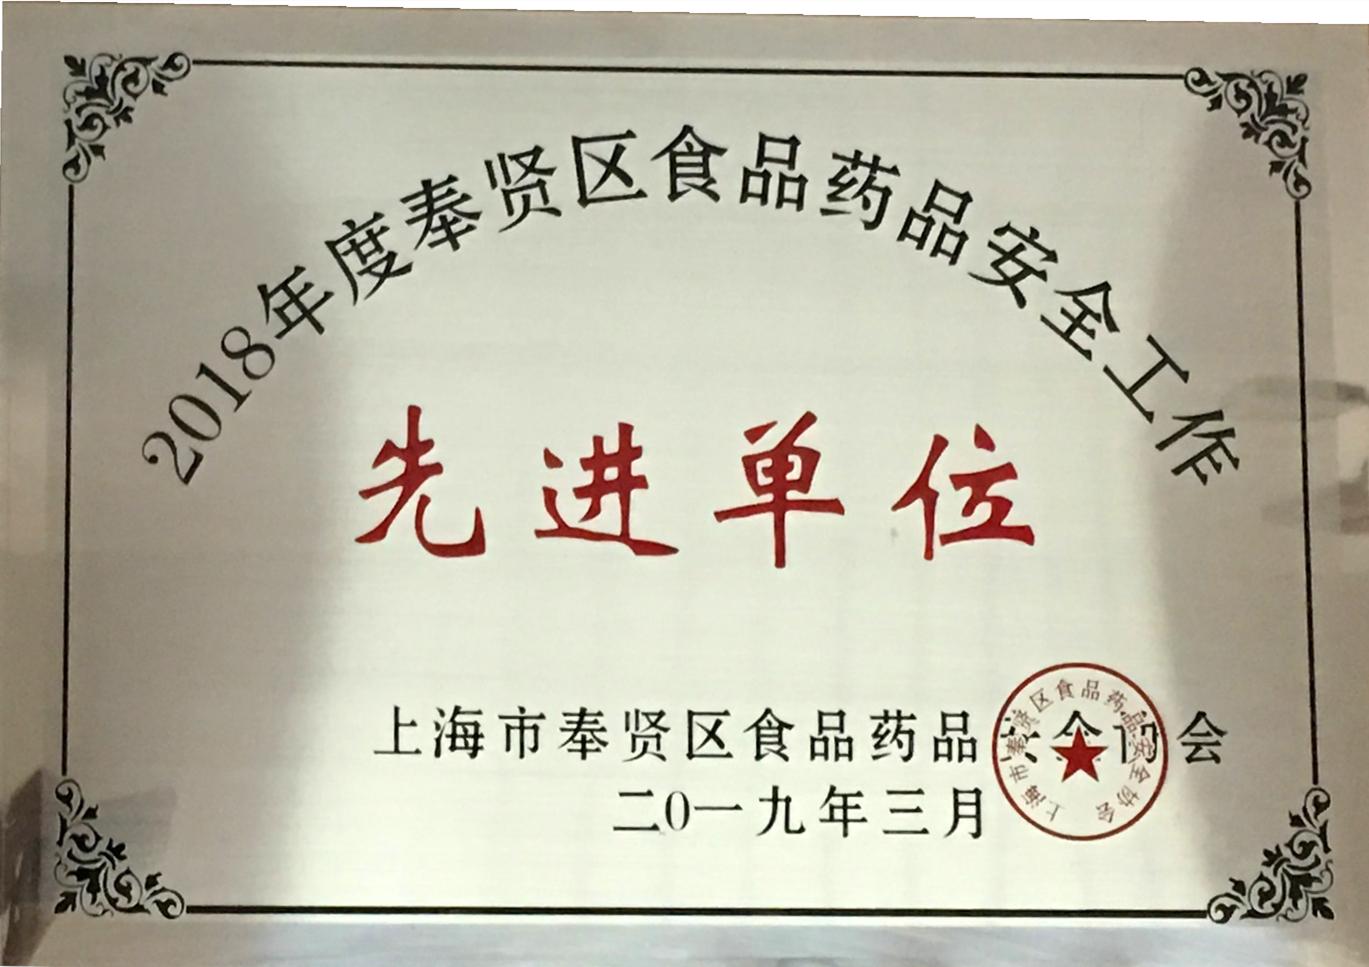 2018年度奉贤区食品药品安全工作先进单位